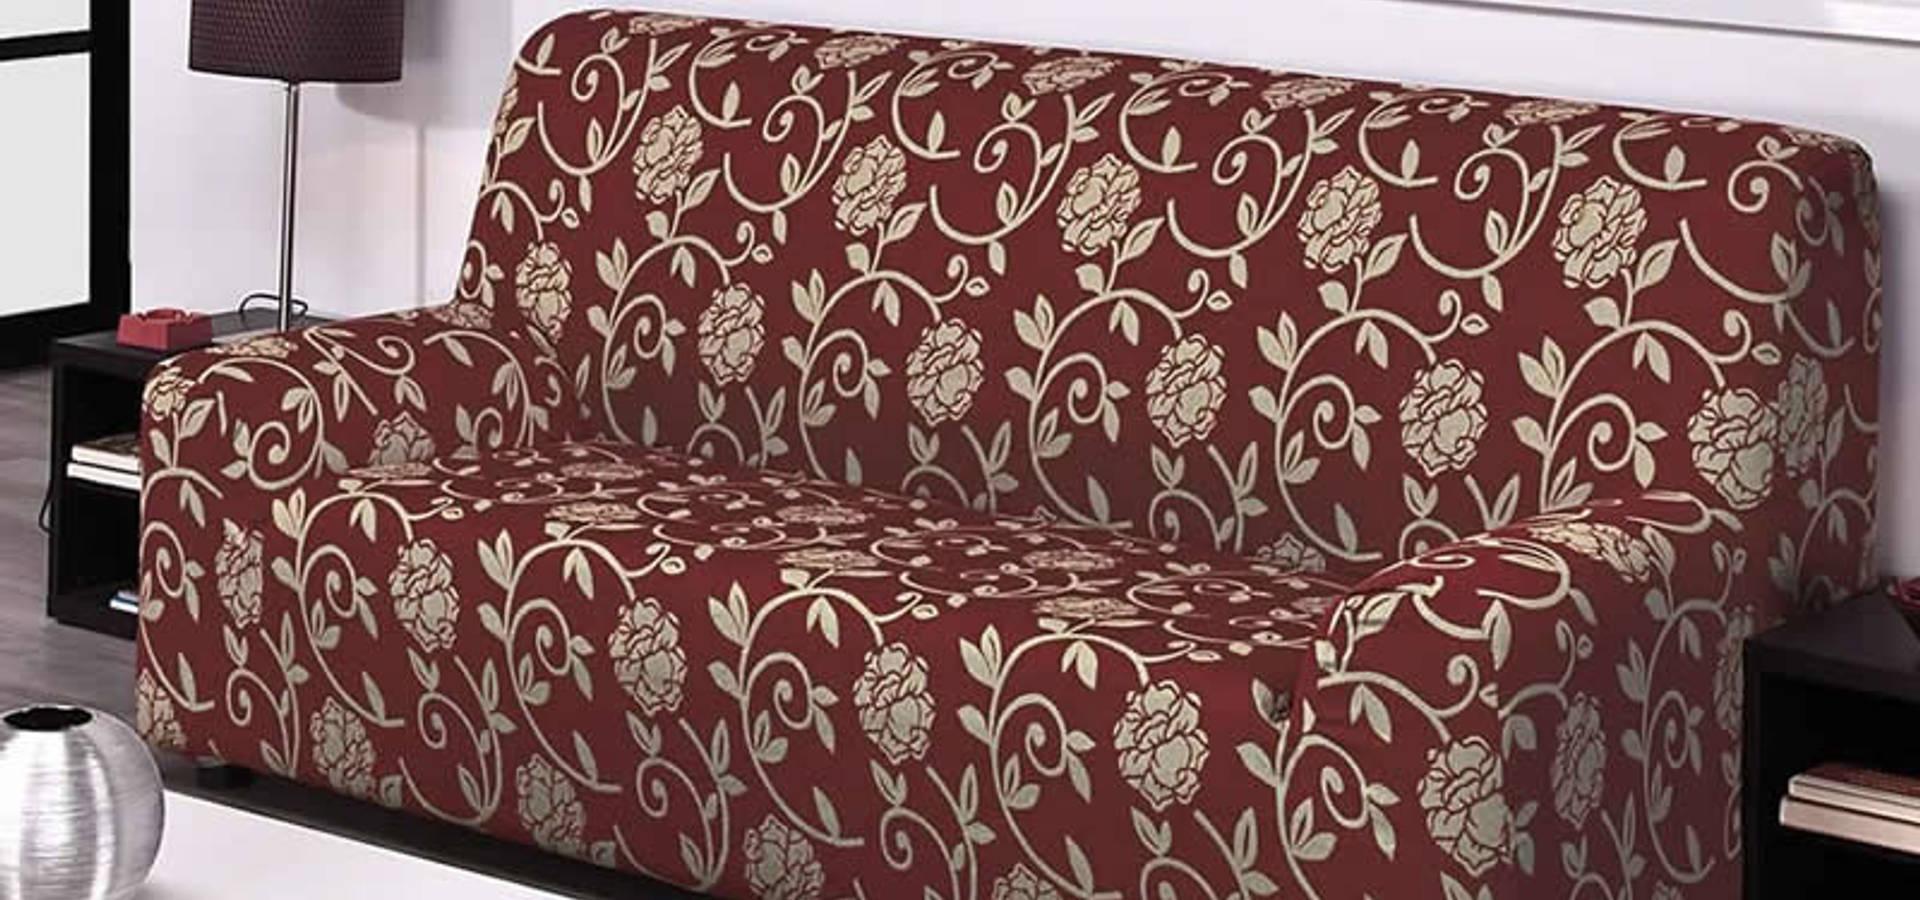 Tph textil para hosteler a funda de sof el sticas serie - Textil para hosteleria ...